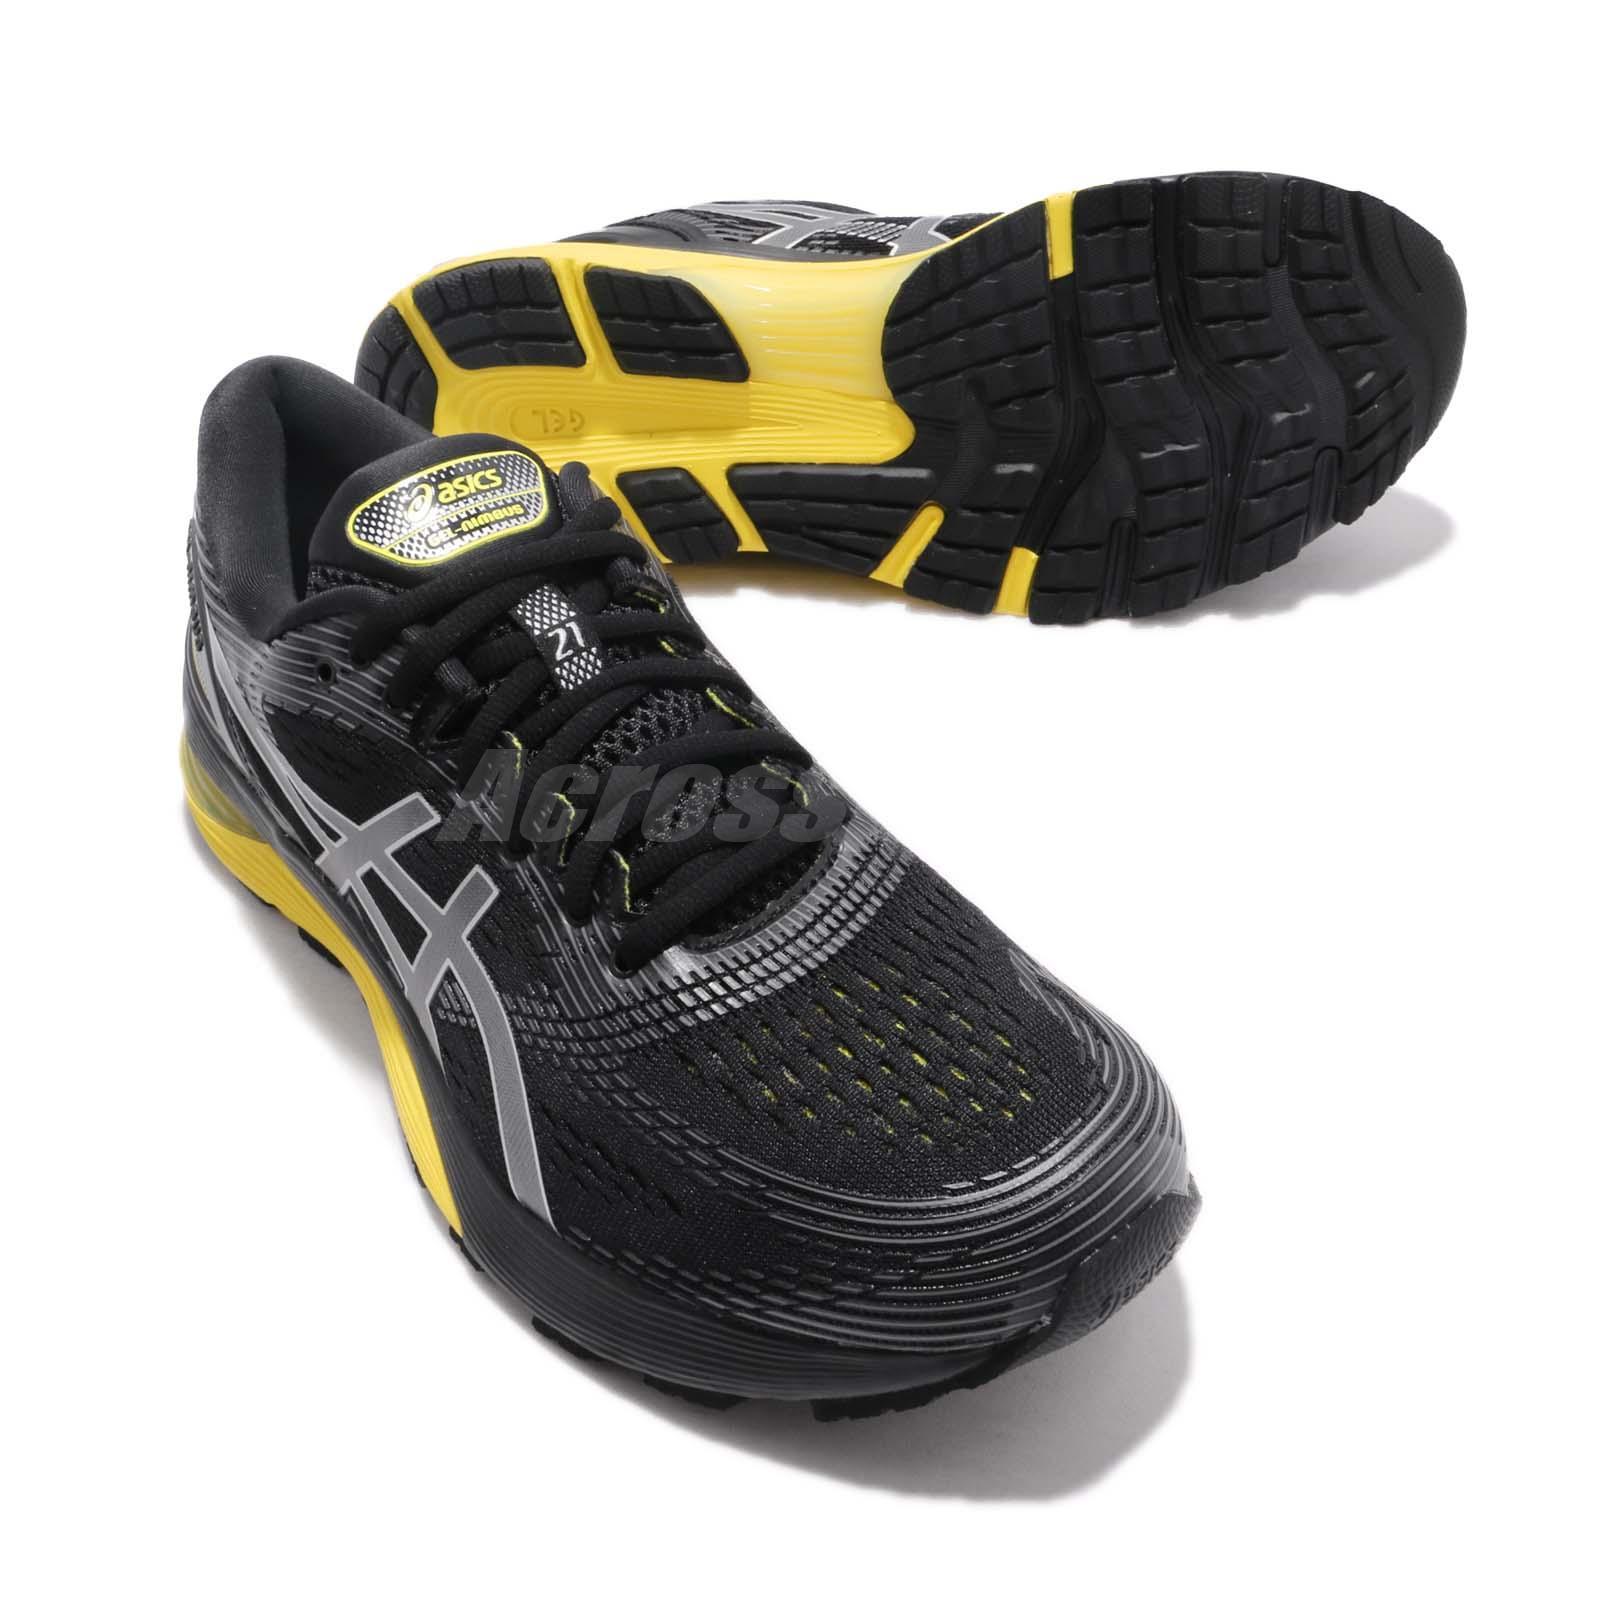 d373da29902 Details about Asics Gel Nimbus 21 2E Wide Black Lemon Spark Men Running  Shoes 1011A172-003